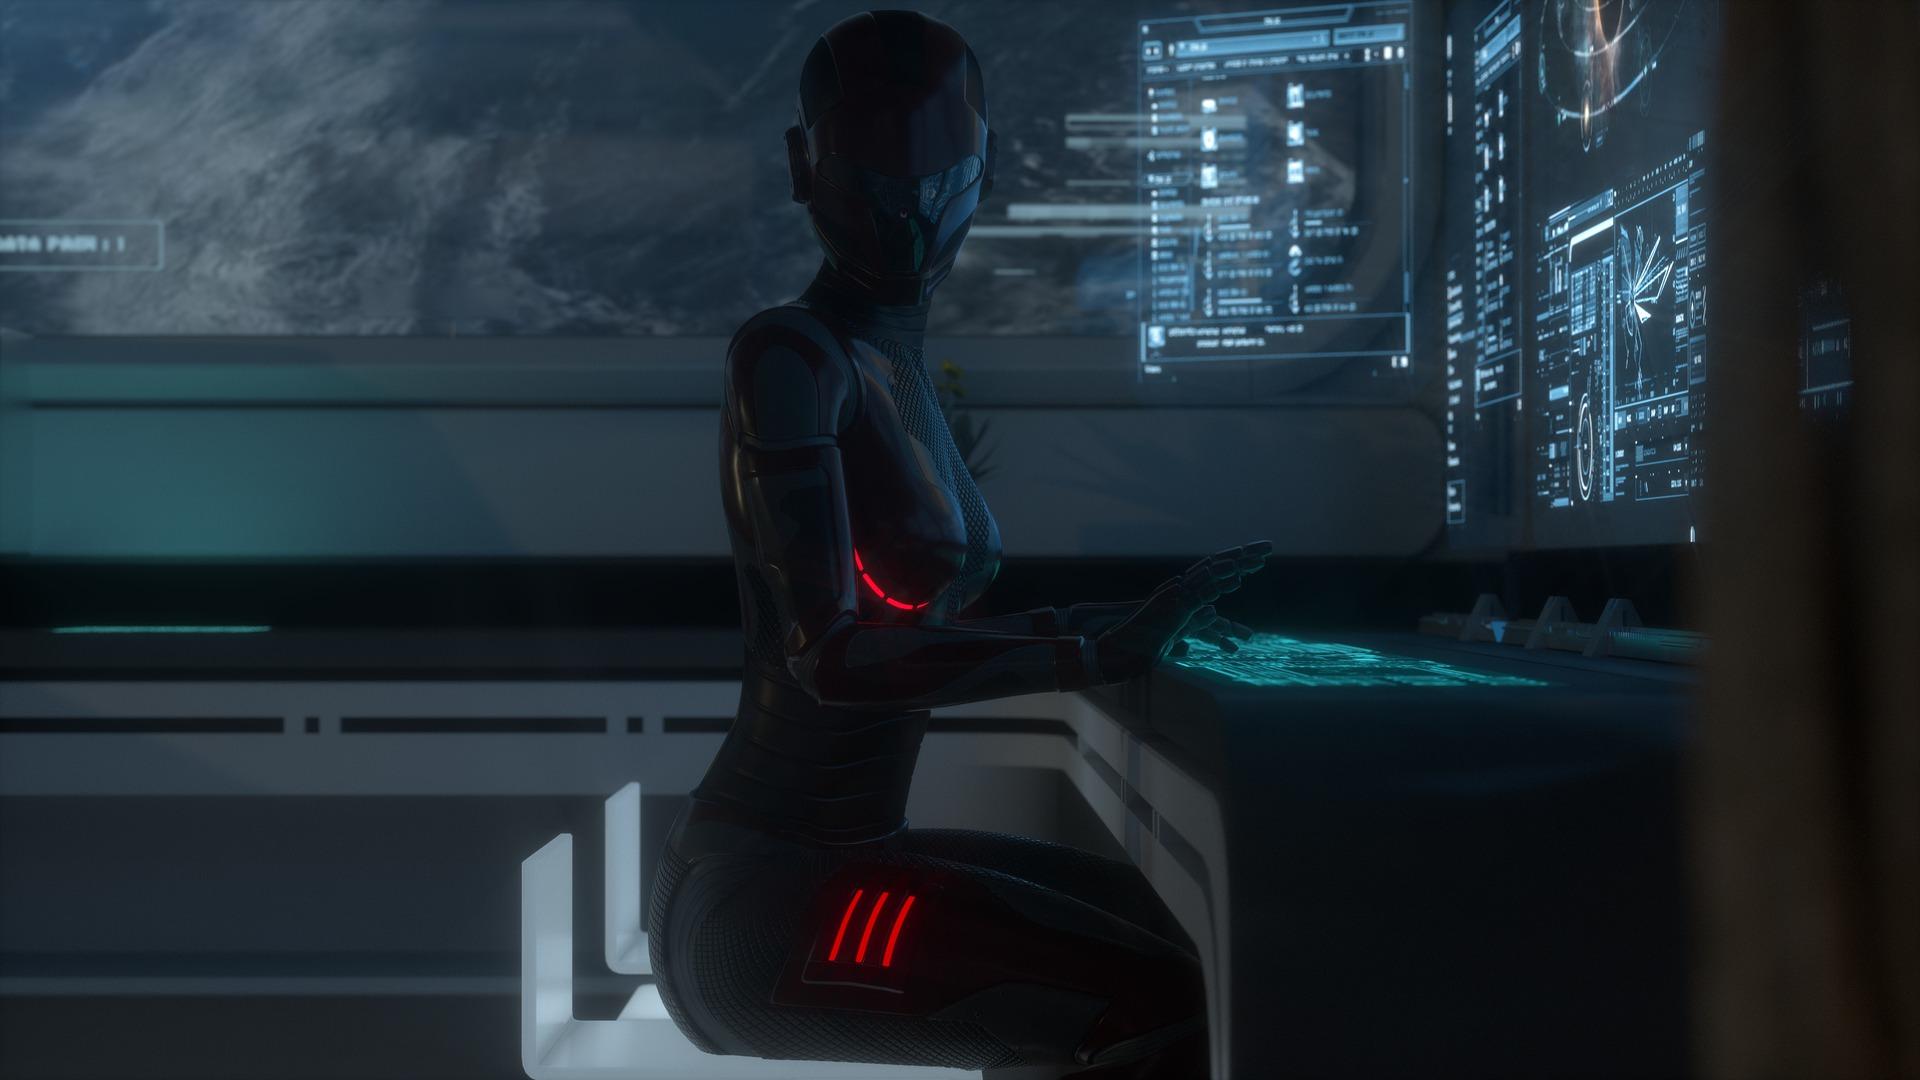 コピーエーアイを活用するロボット